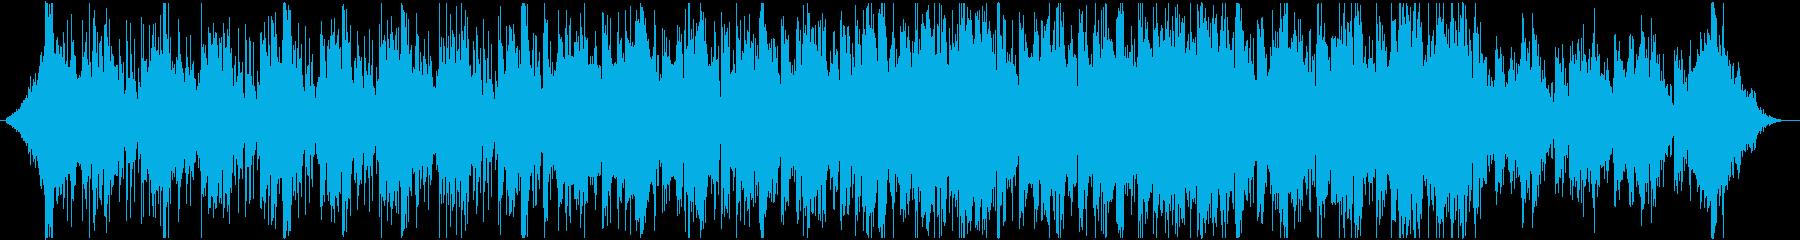 緊迫感や疾走感を演出するBGMの再生済みの波形